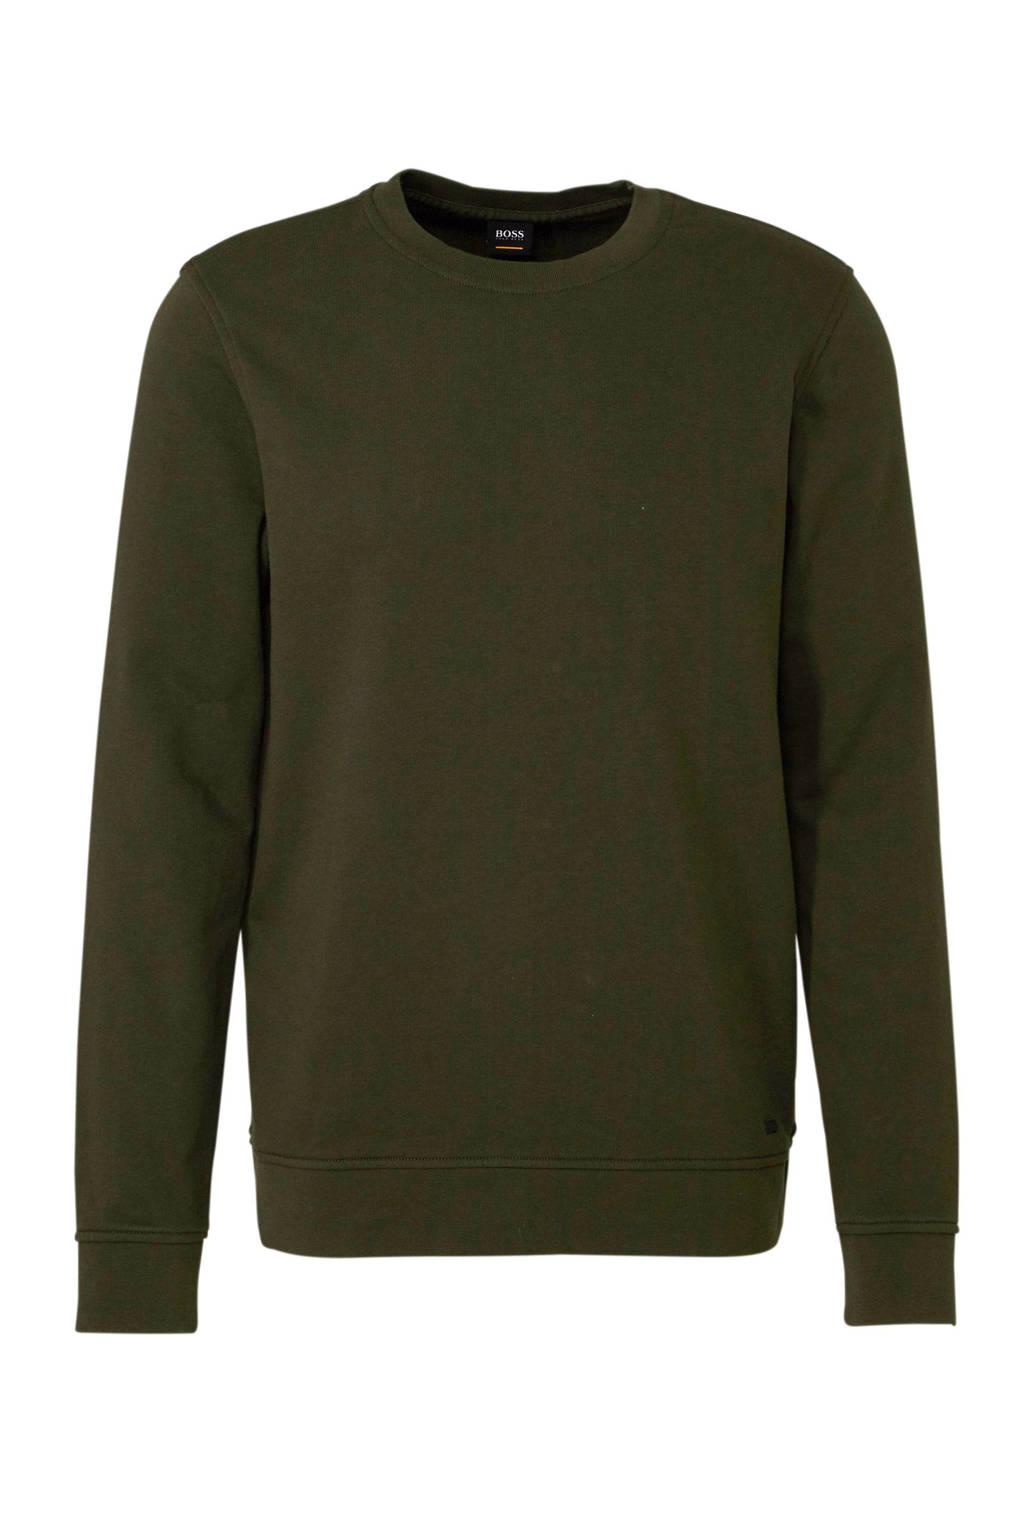 Boss Casual sweater donkergroen, Donkergroen